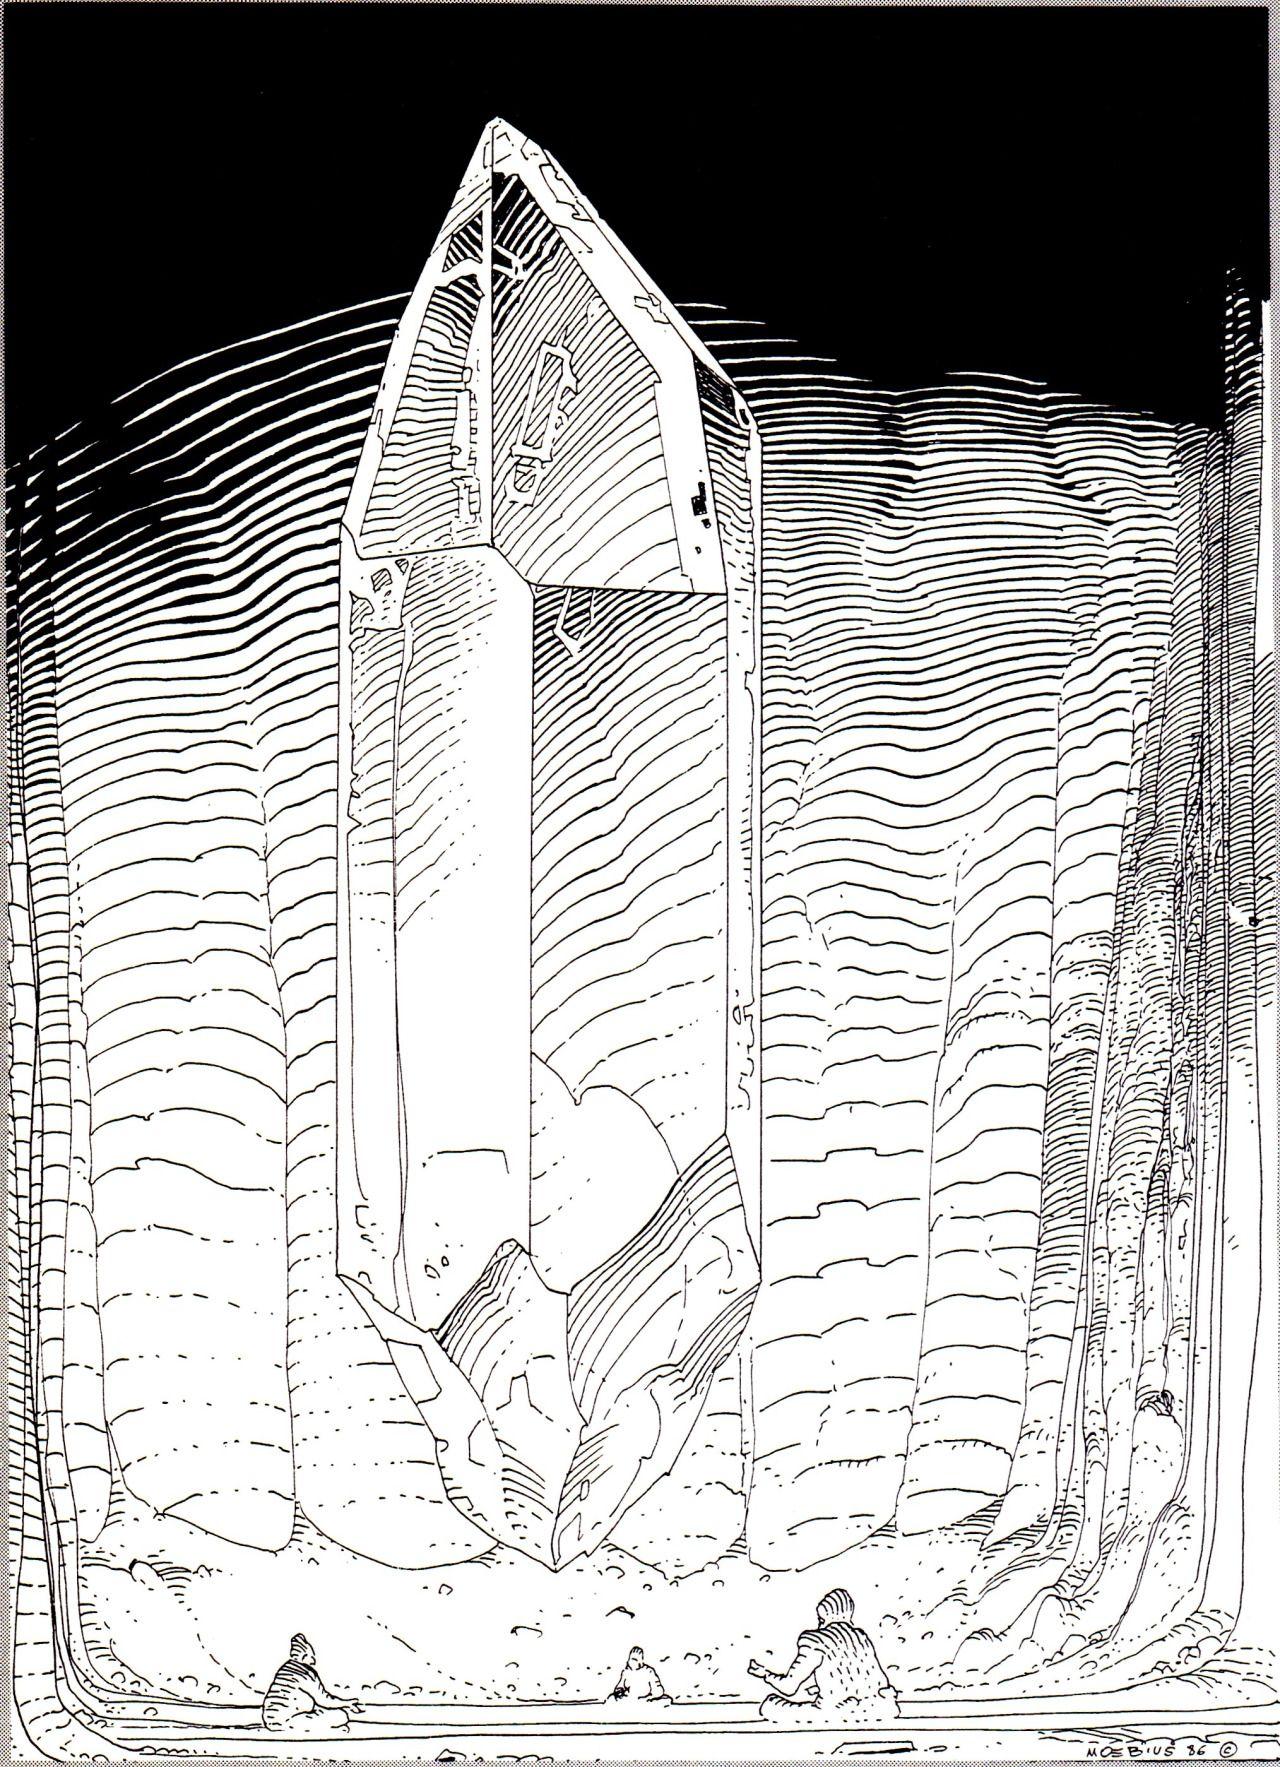 Moebius 1986